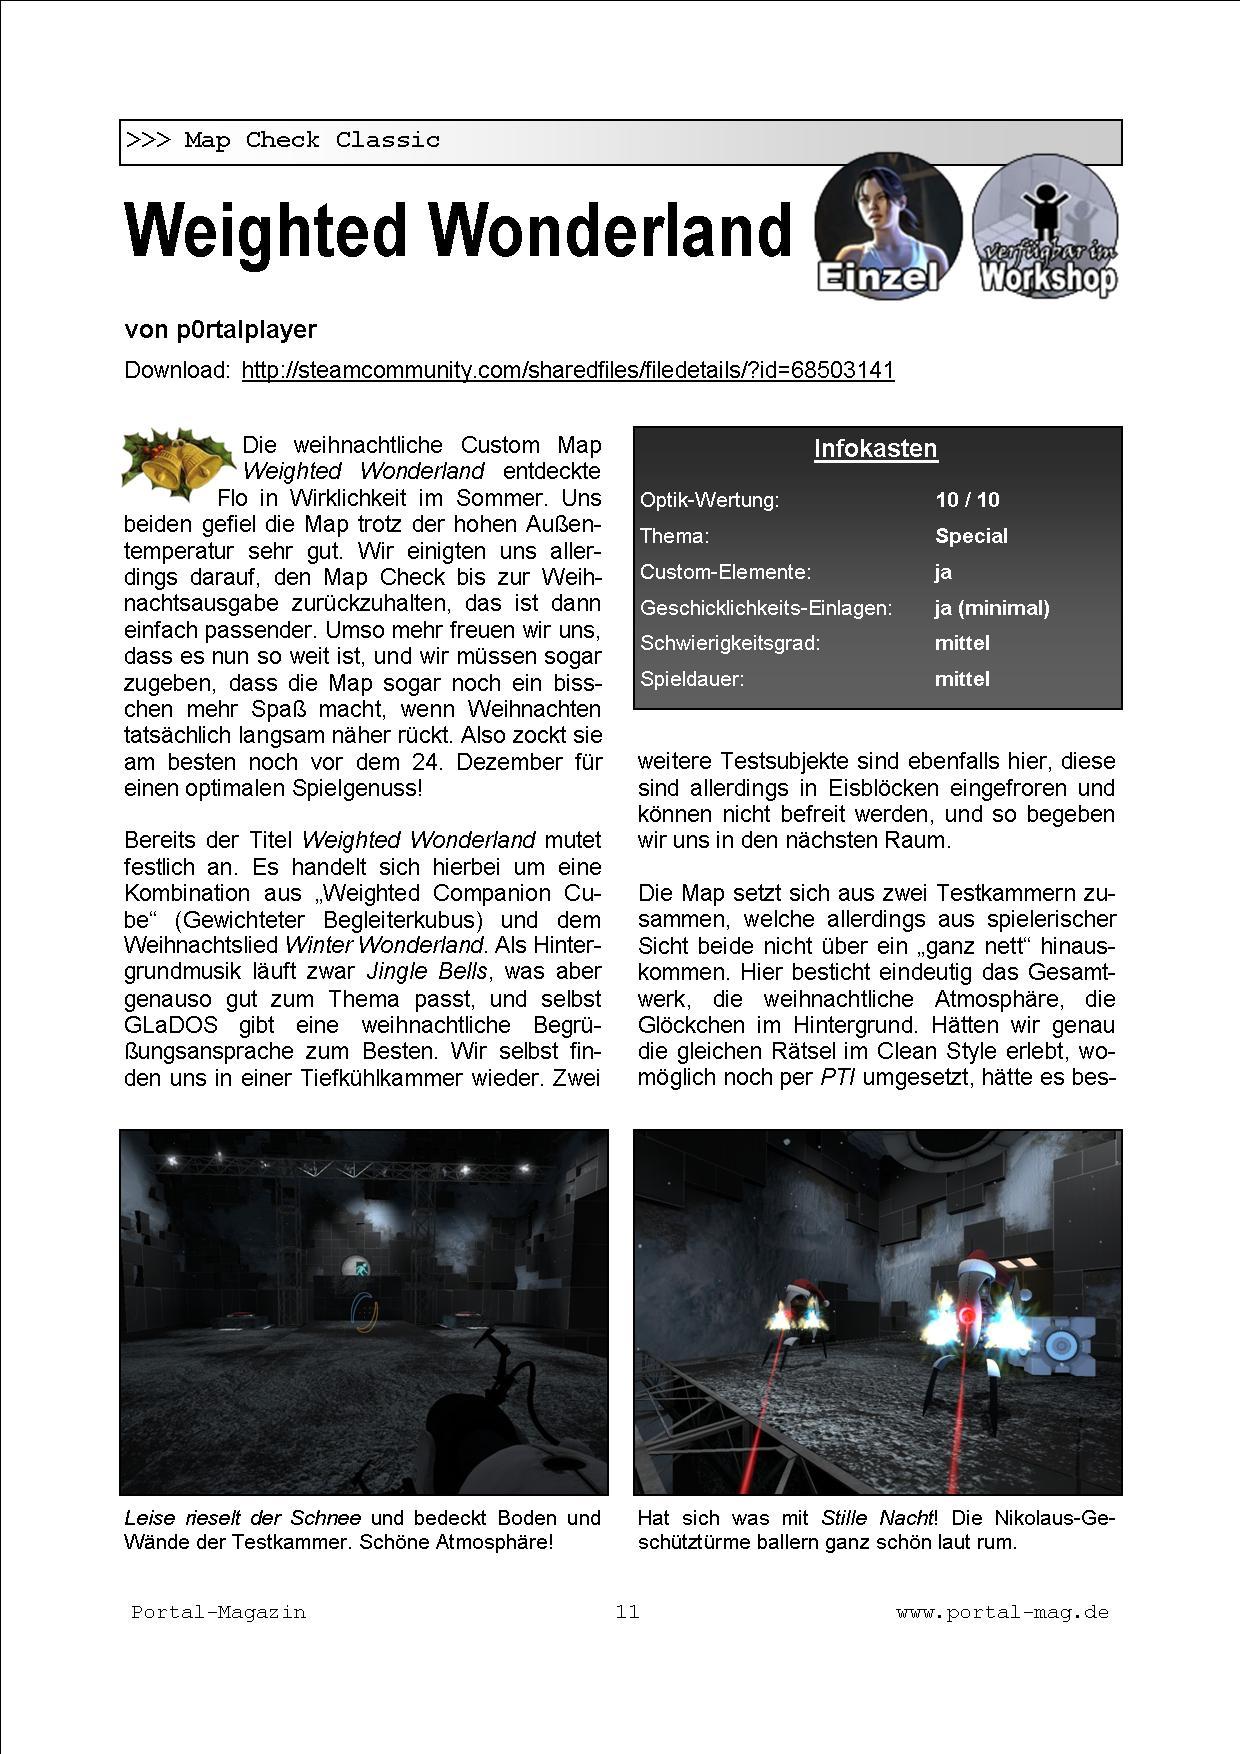 Ausgabe 11, Seite 11